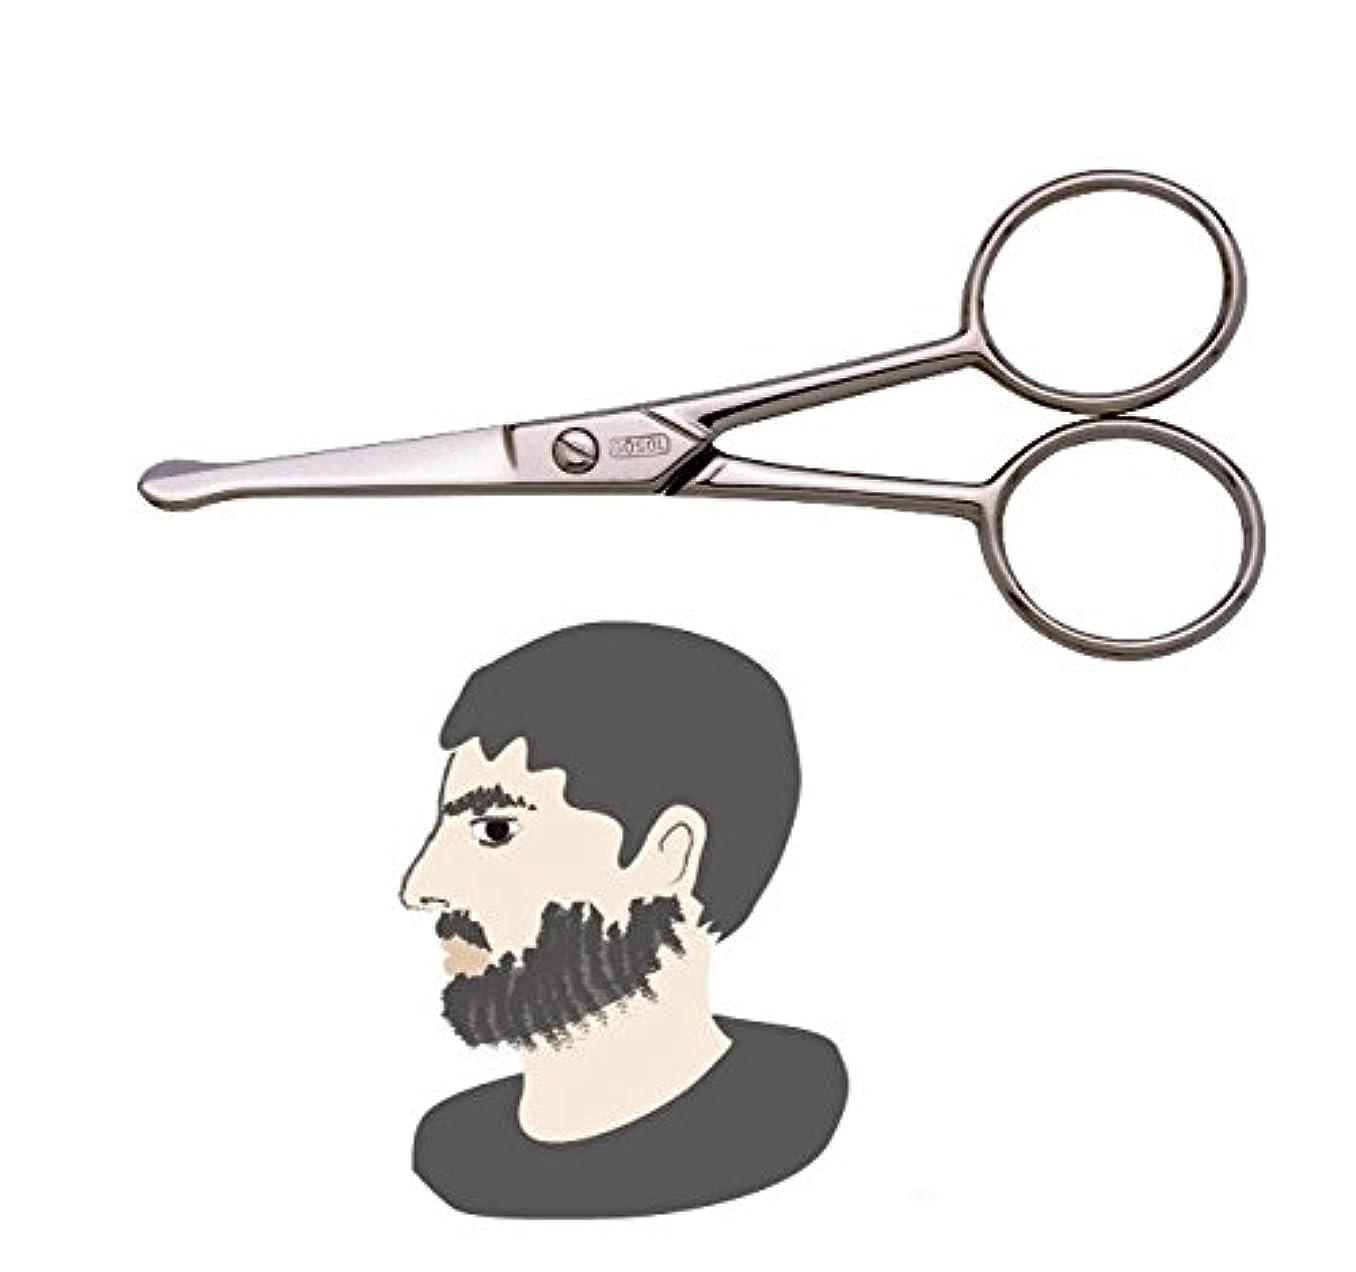 反響する結紮クルーゲーゾル(独) GOSOL ヒゲ?鼻毛?耳毛はさみ11cm